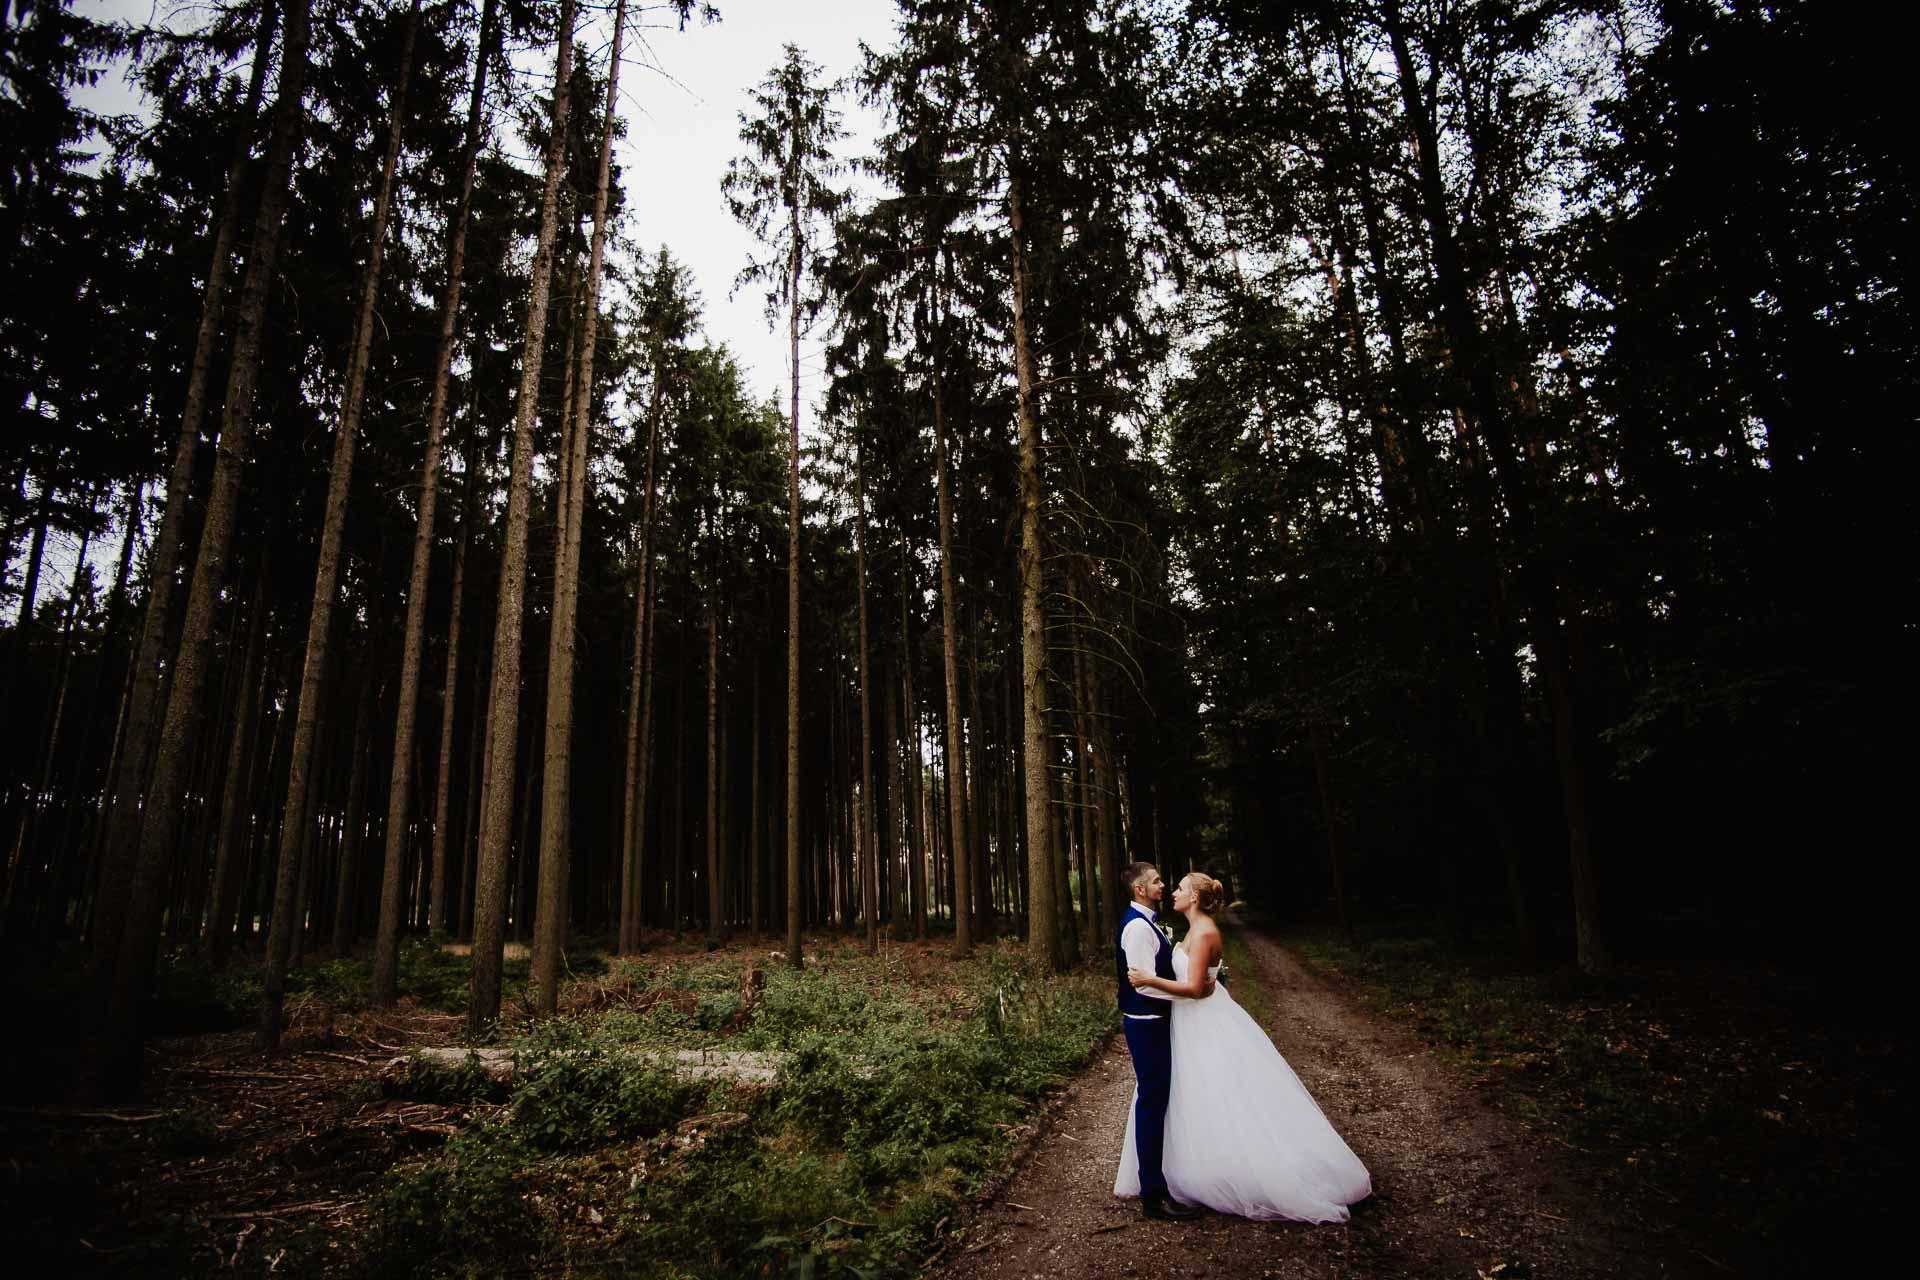 svatební-fotograf-Jívák-svatební-fotograf-Loučeň-svatební-video-Loučeň-205